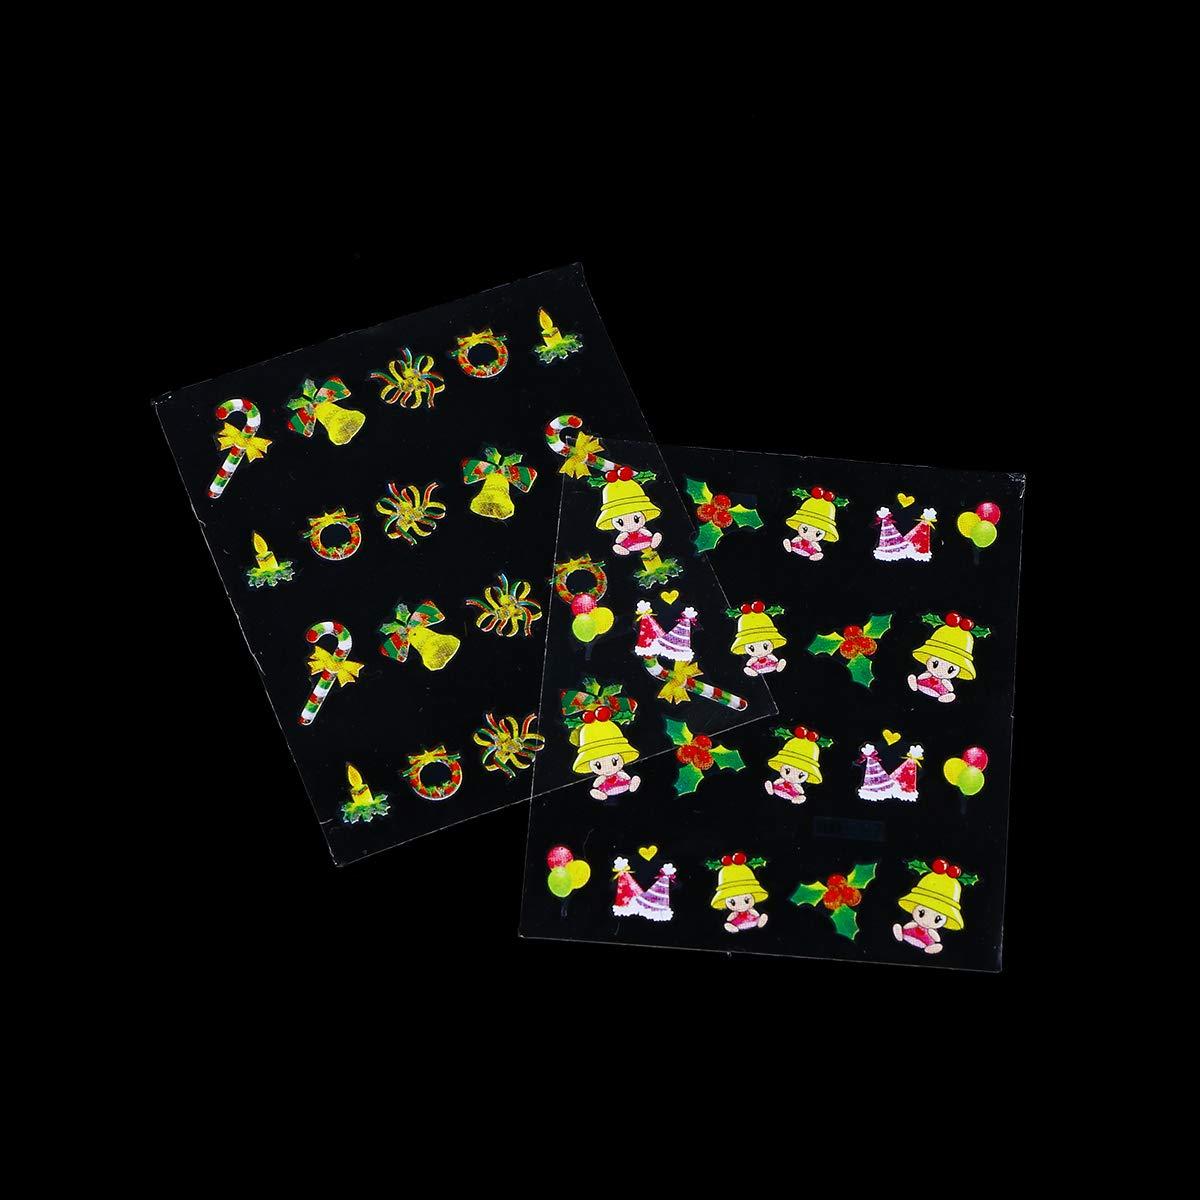 BESTOYARD Pegatinas de uñas de Navidad Arte de uñas 3D Tatuajes de manicura Decoraciones de uñas para Mujeres niñas 12 Hojas: Amazon.es: Hogar